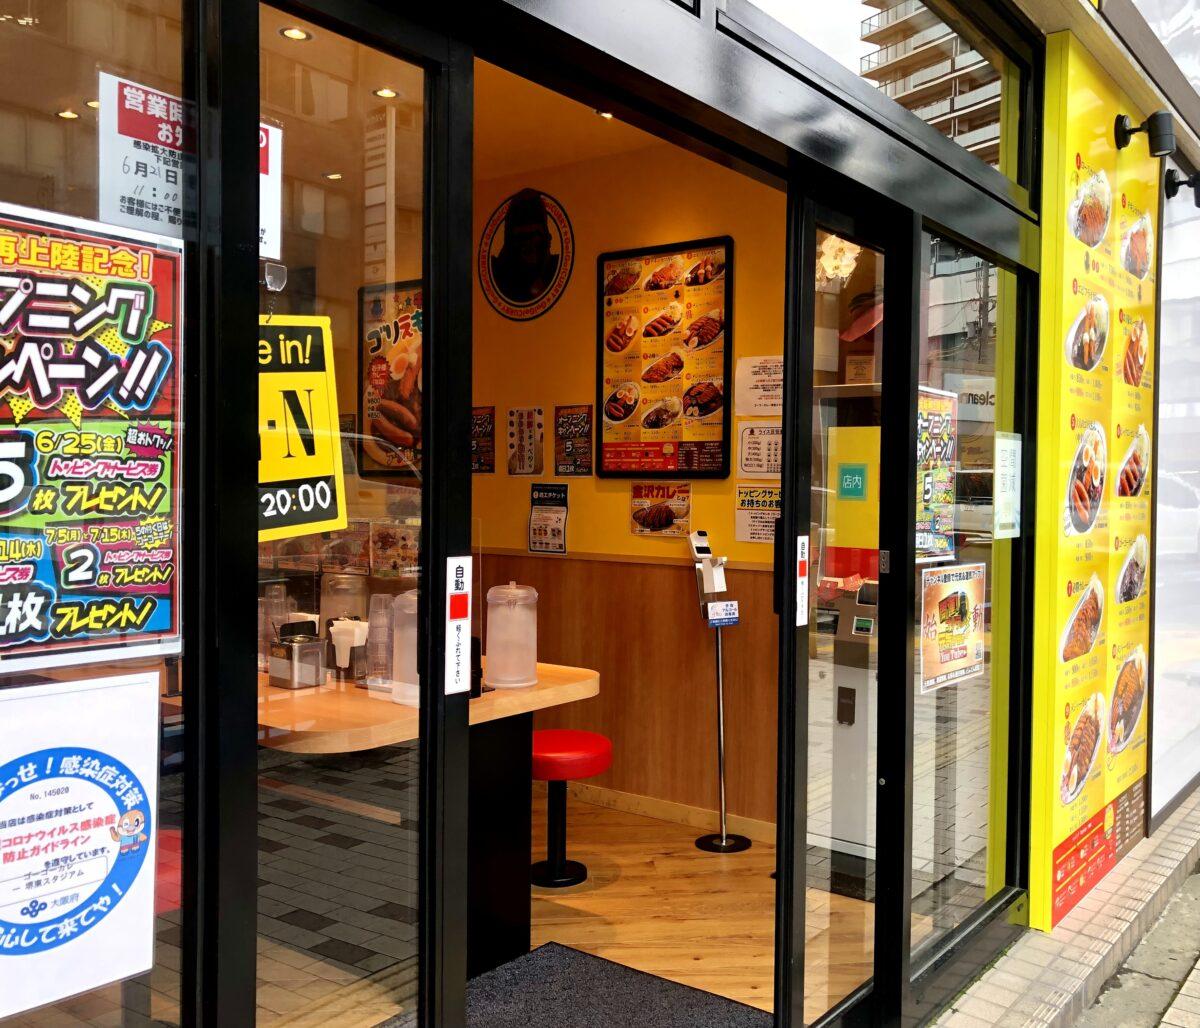 【祝オープン】堺市堺区・堺東に『ゴーゴーカレー堺東スタジアム』がオープンしましたよ!!: